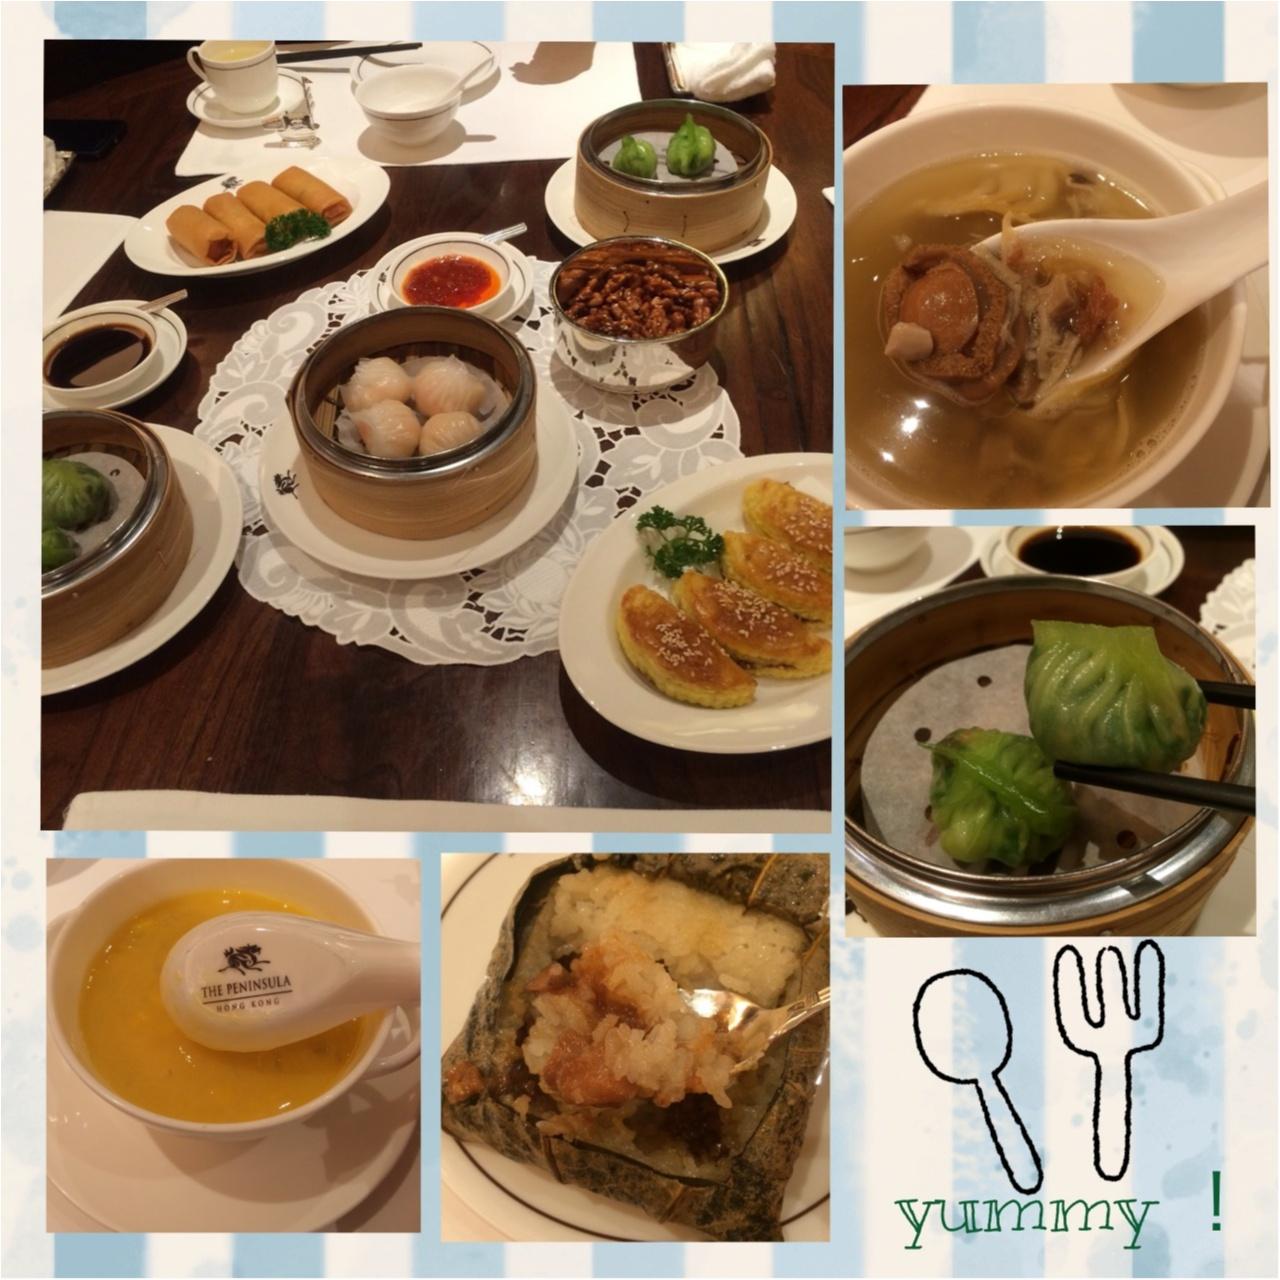 【vacation】香港のラグジュアリー飲茶ランチはThe Peninsula Hong Kongで!♡_2